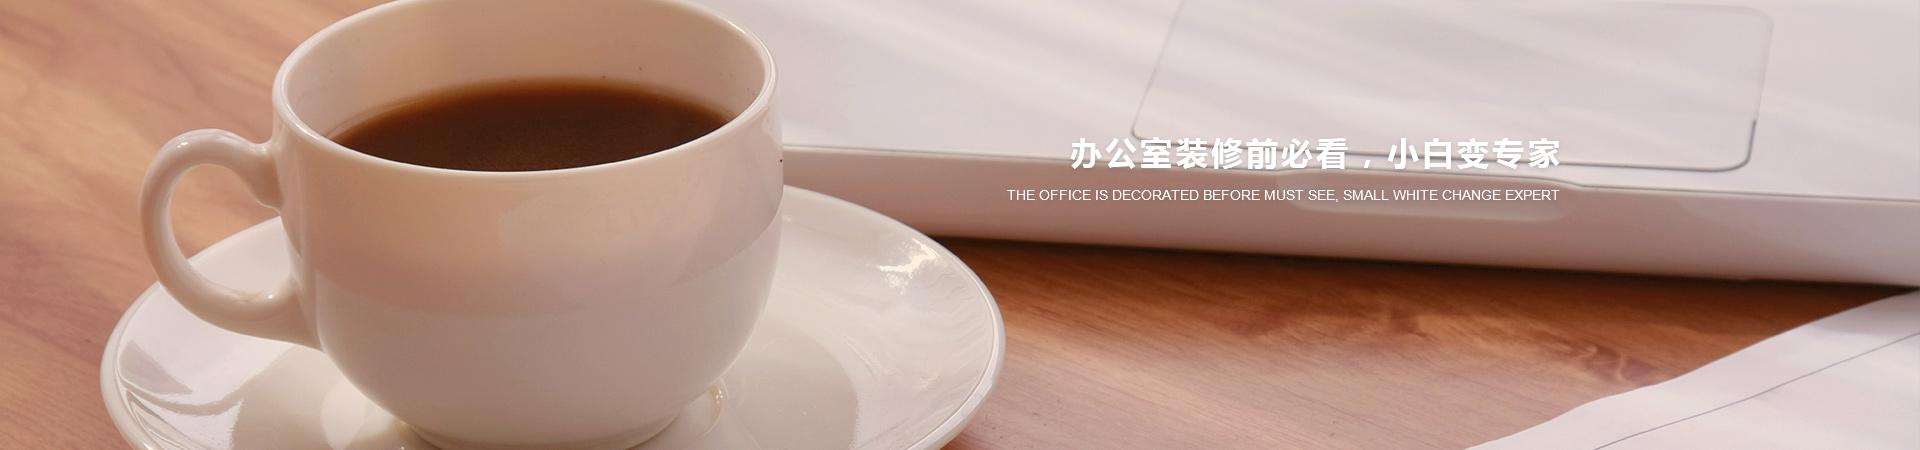 办公室装修课堂